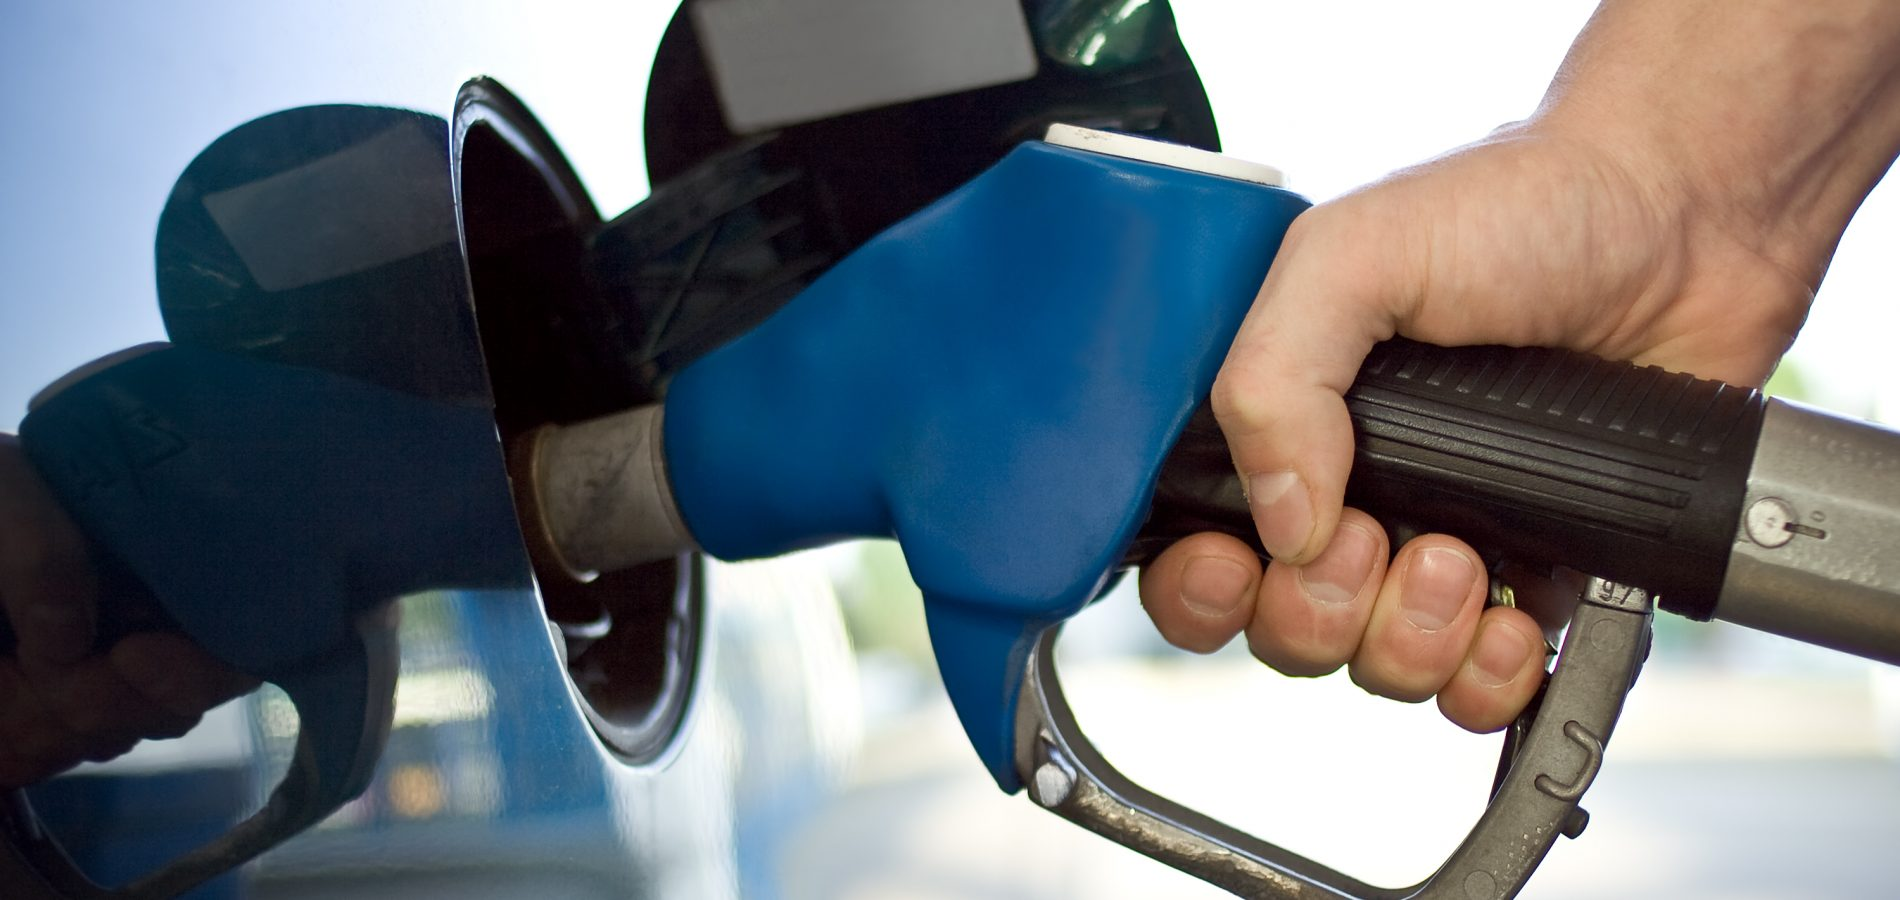 Piauí tem a décima gasolina mais cara do Brasil